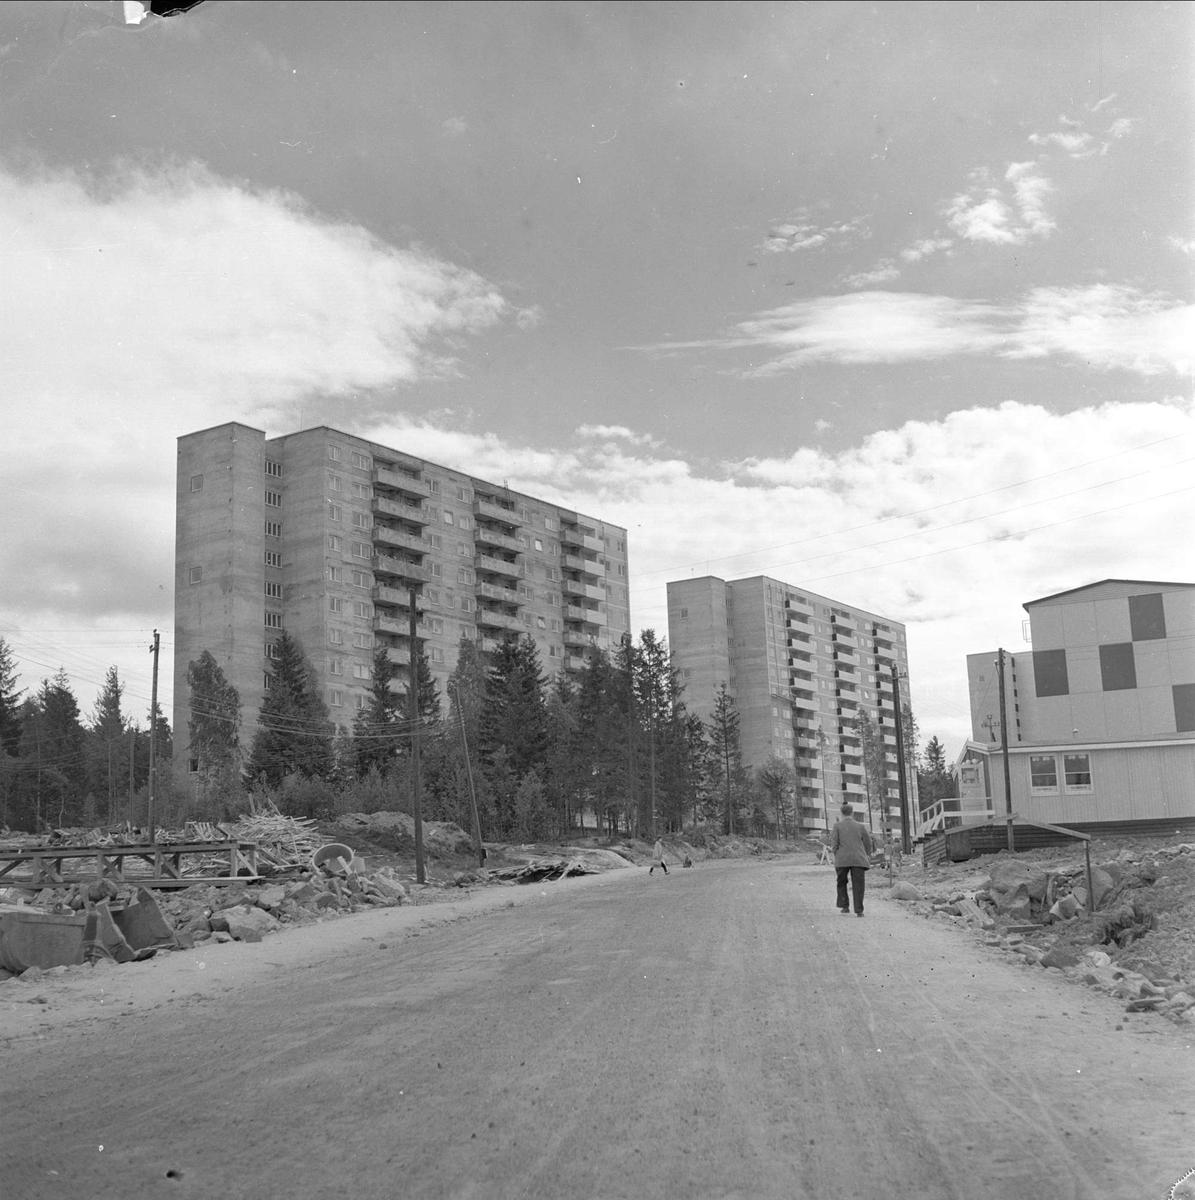 Bøler, Oslo, 03.06.1957. Byggefeltet. Vei og boligblokker.